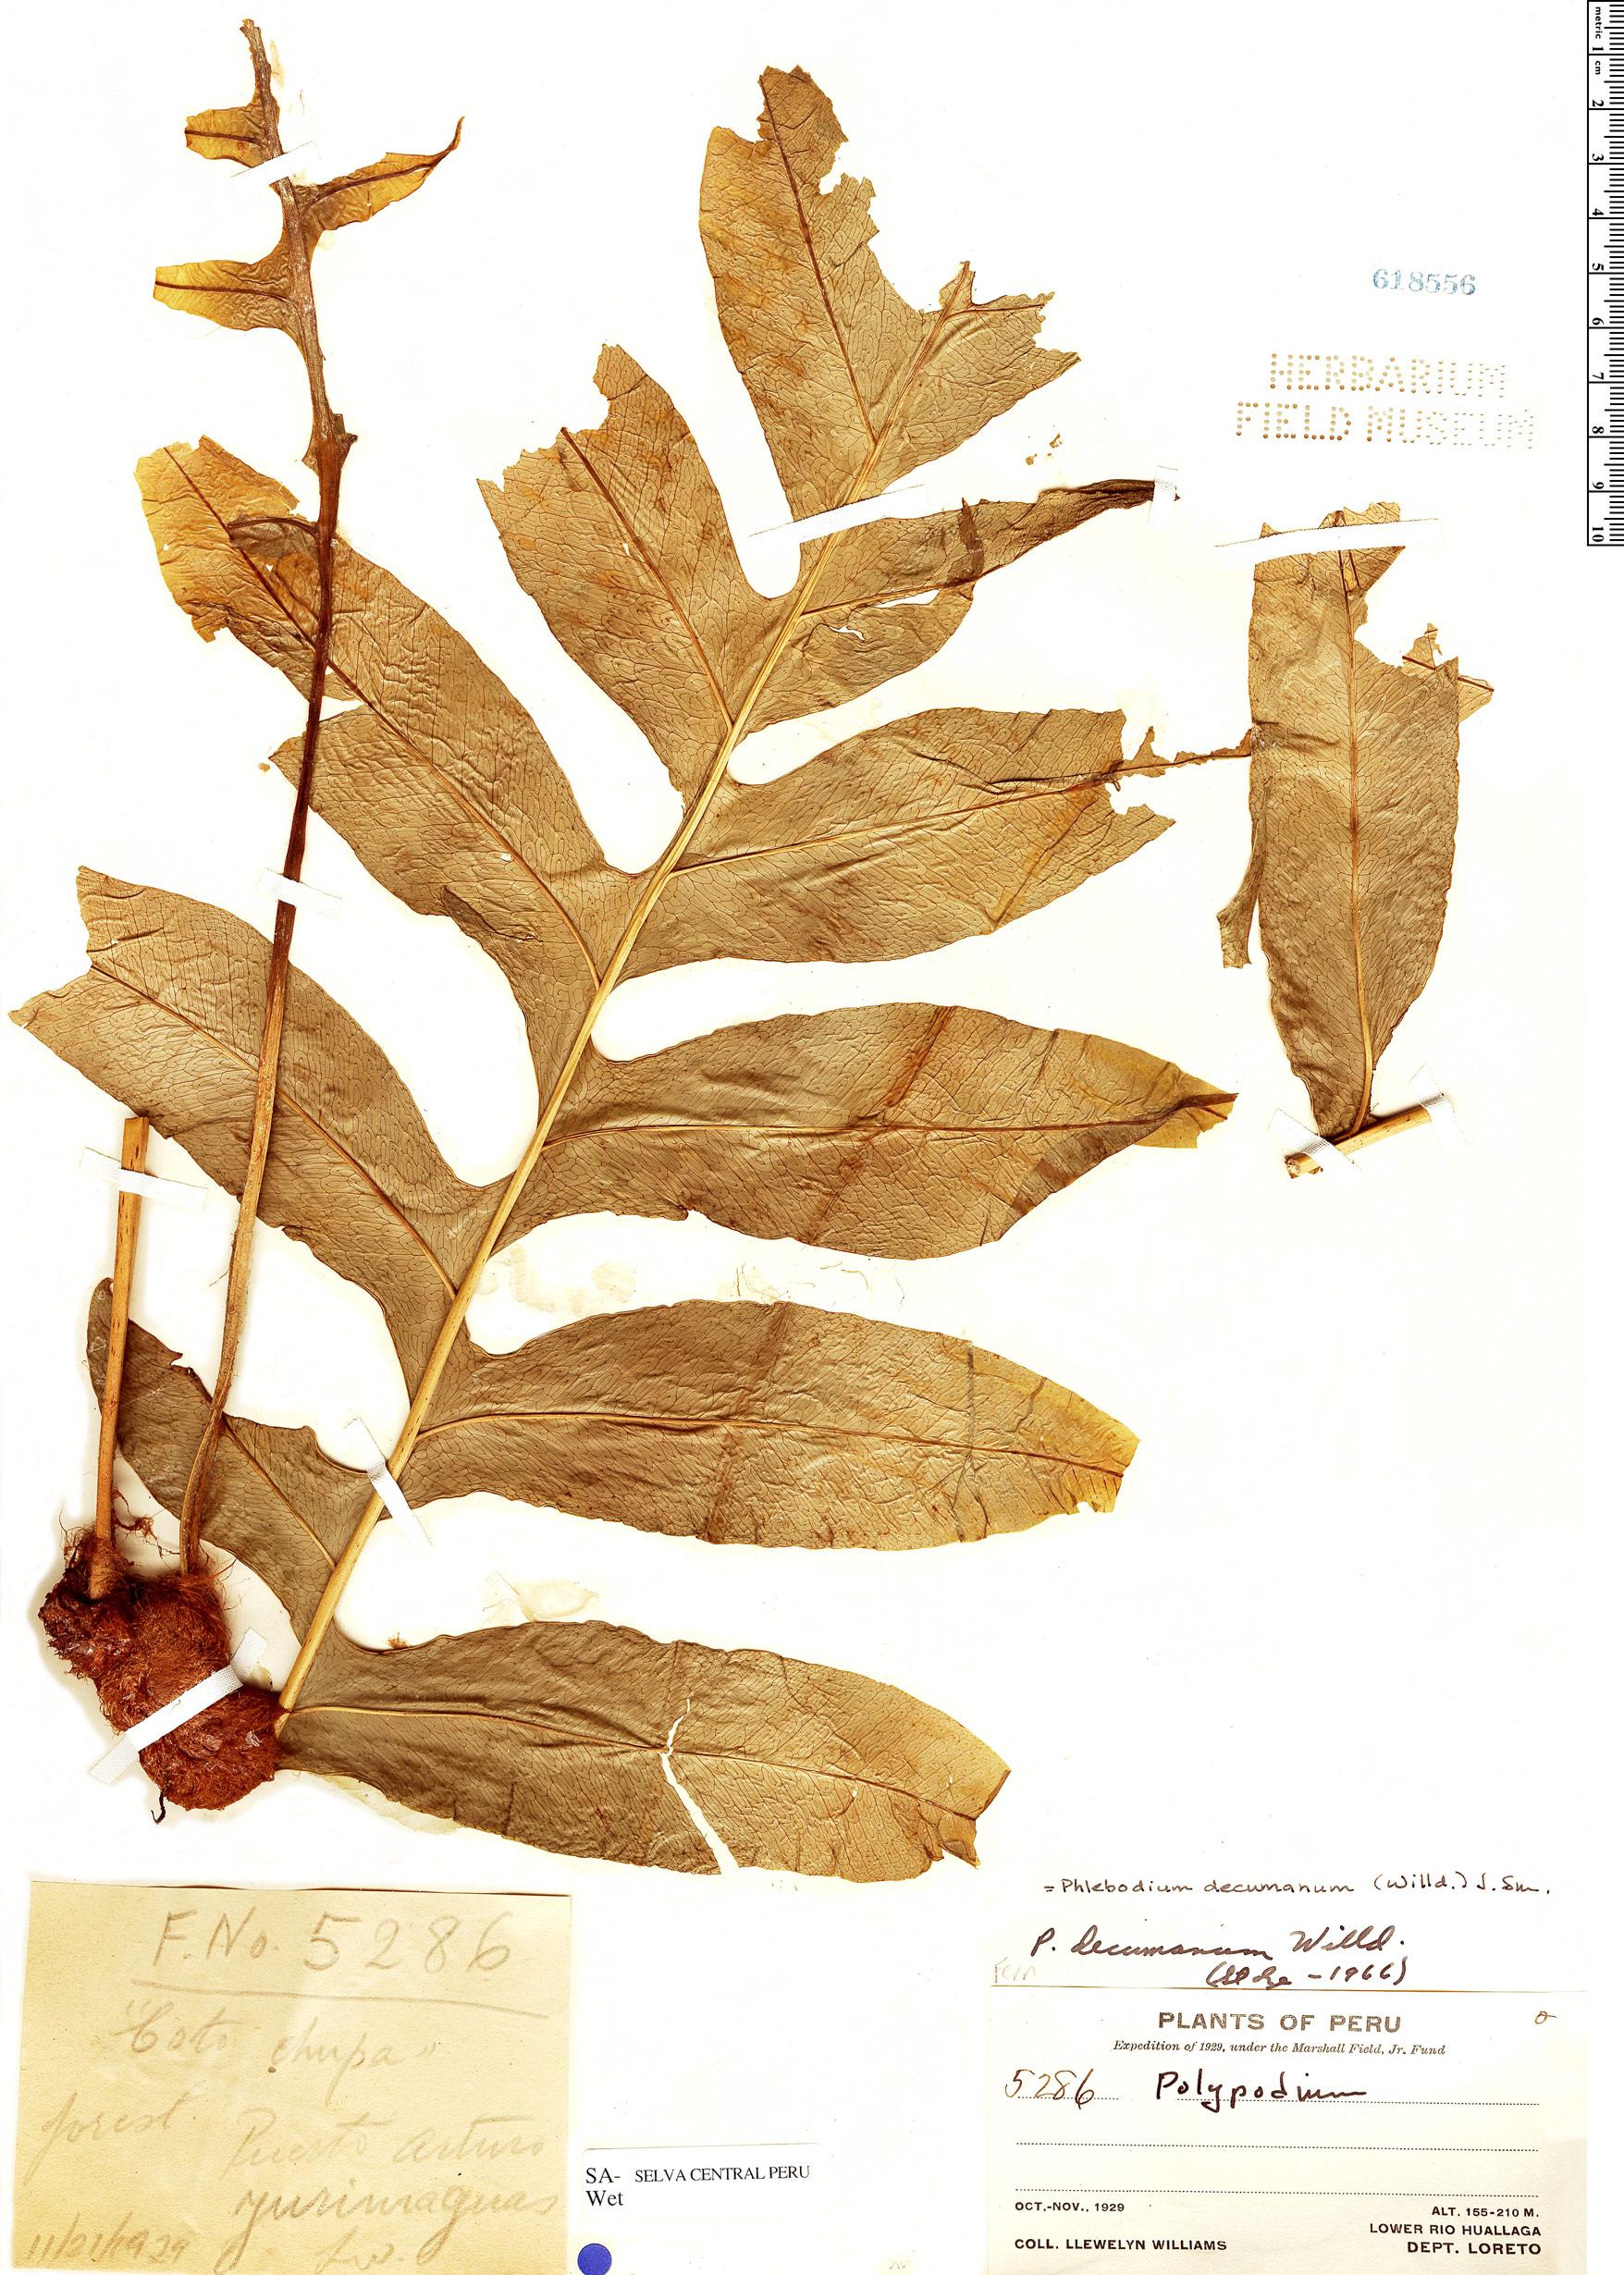 Specimen: Phlebodium decumanum